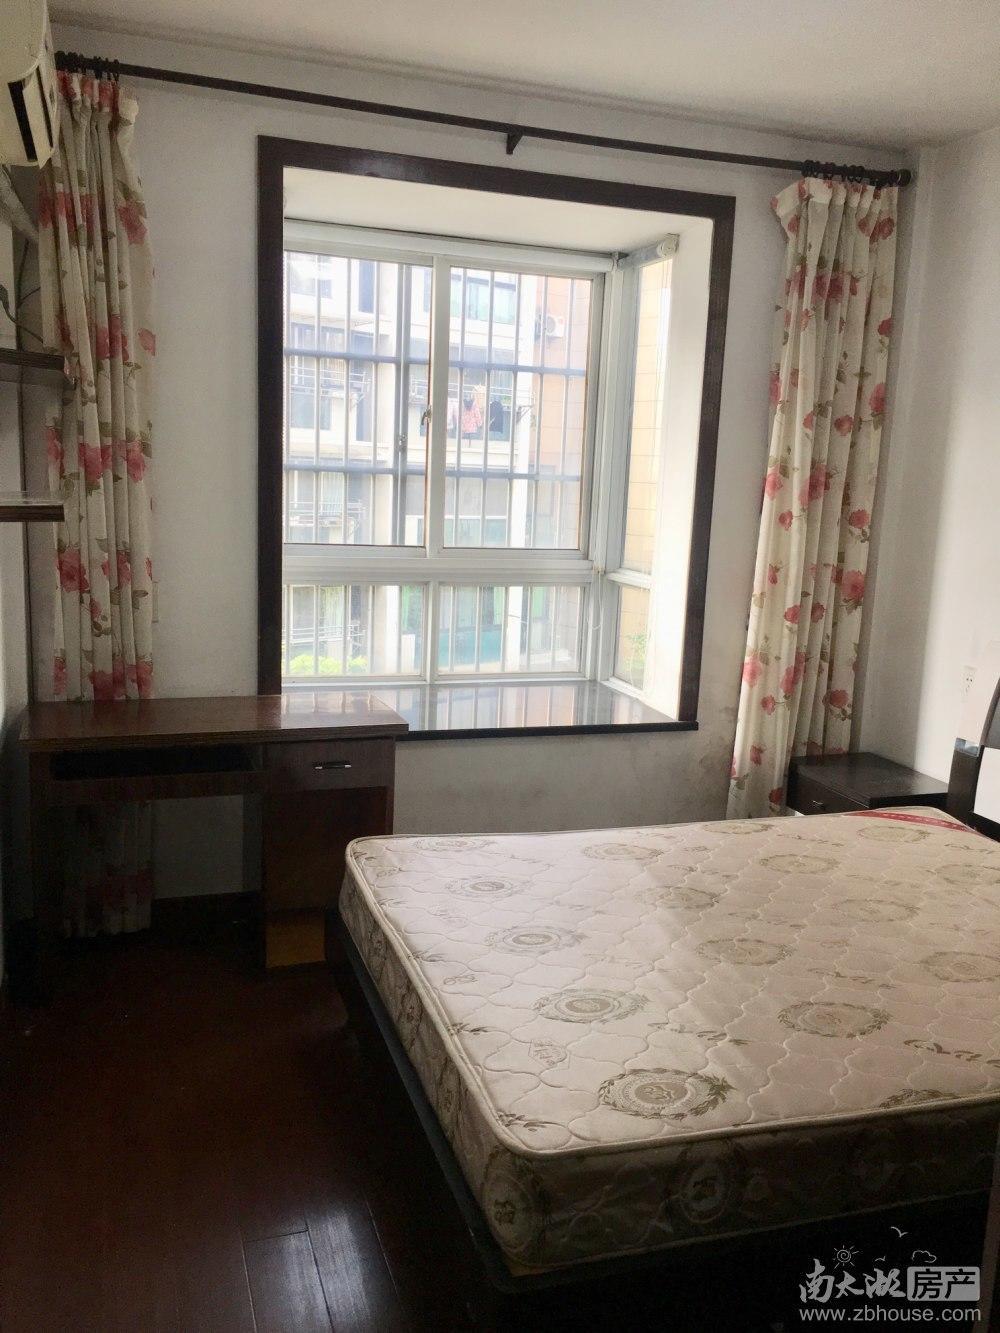 余家漾A区 二室二厅 80平 精装 空,热,彩,冰,洗,床,家具 2400元